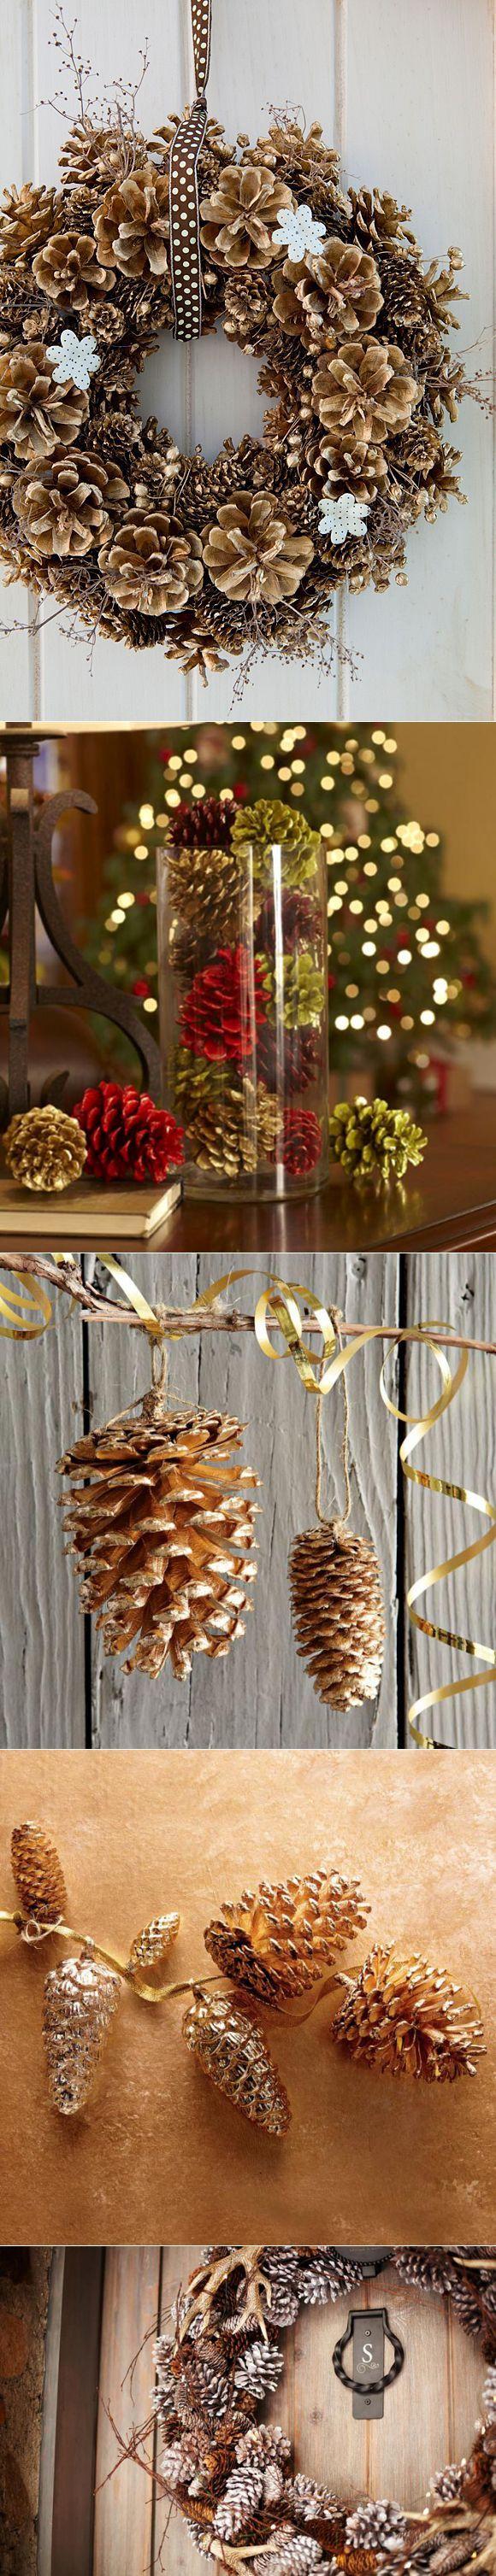 Новогодний декор из шишек | Фотографии красивых интерьеров